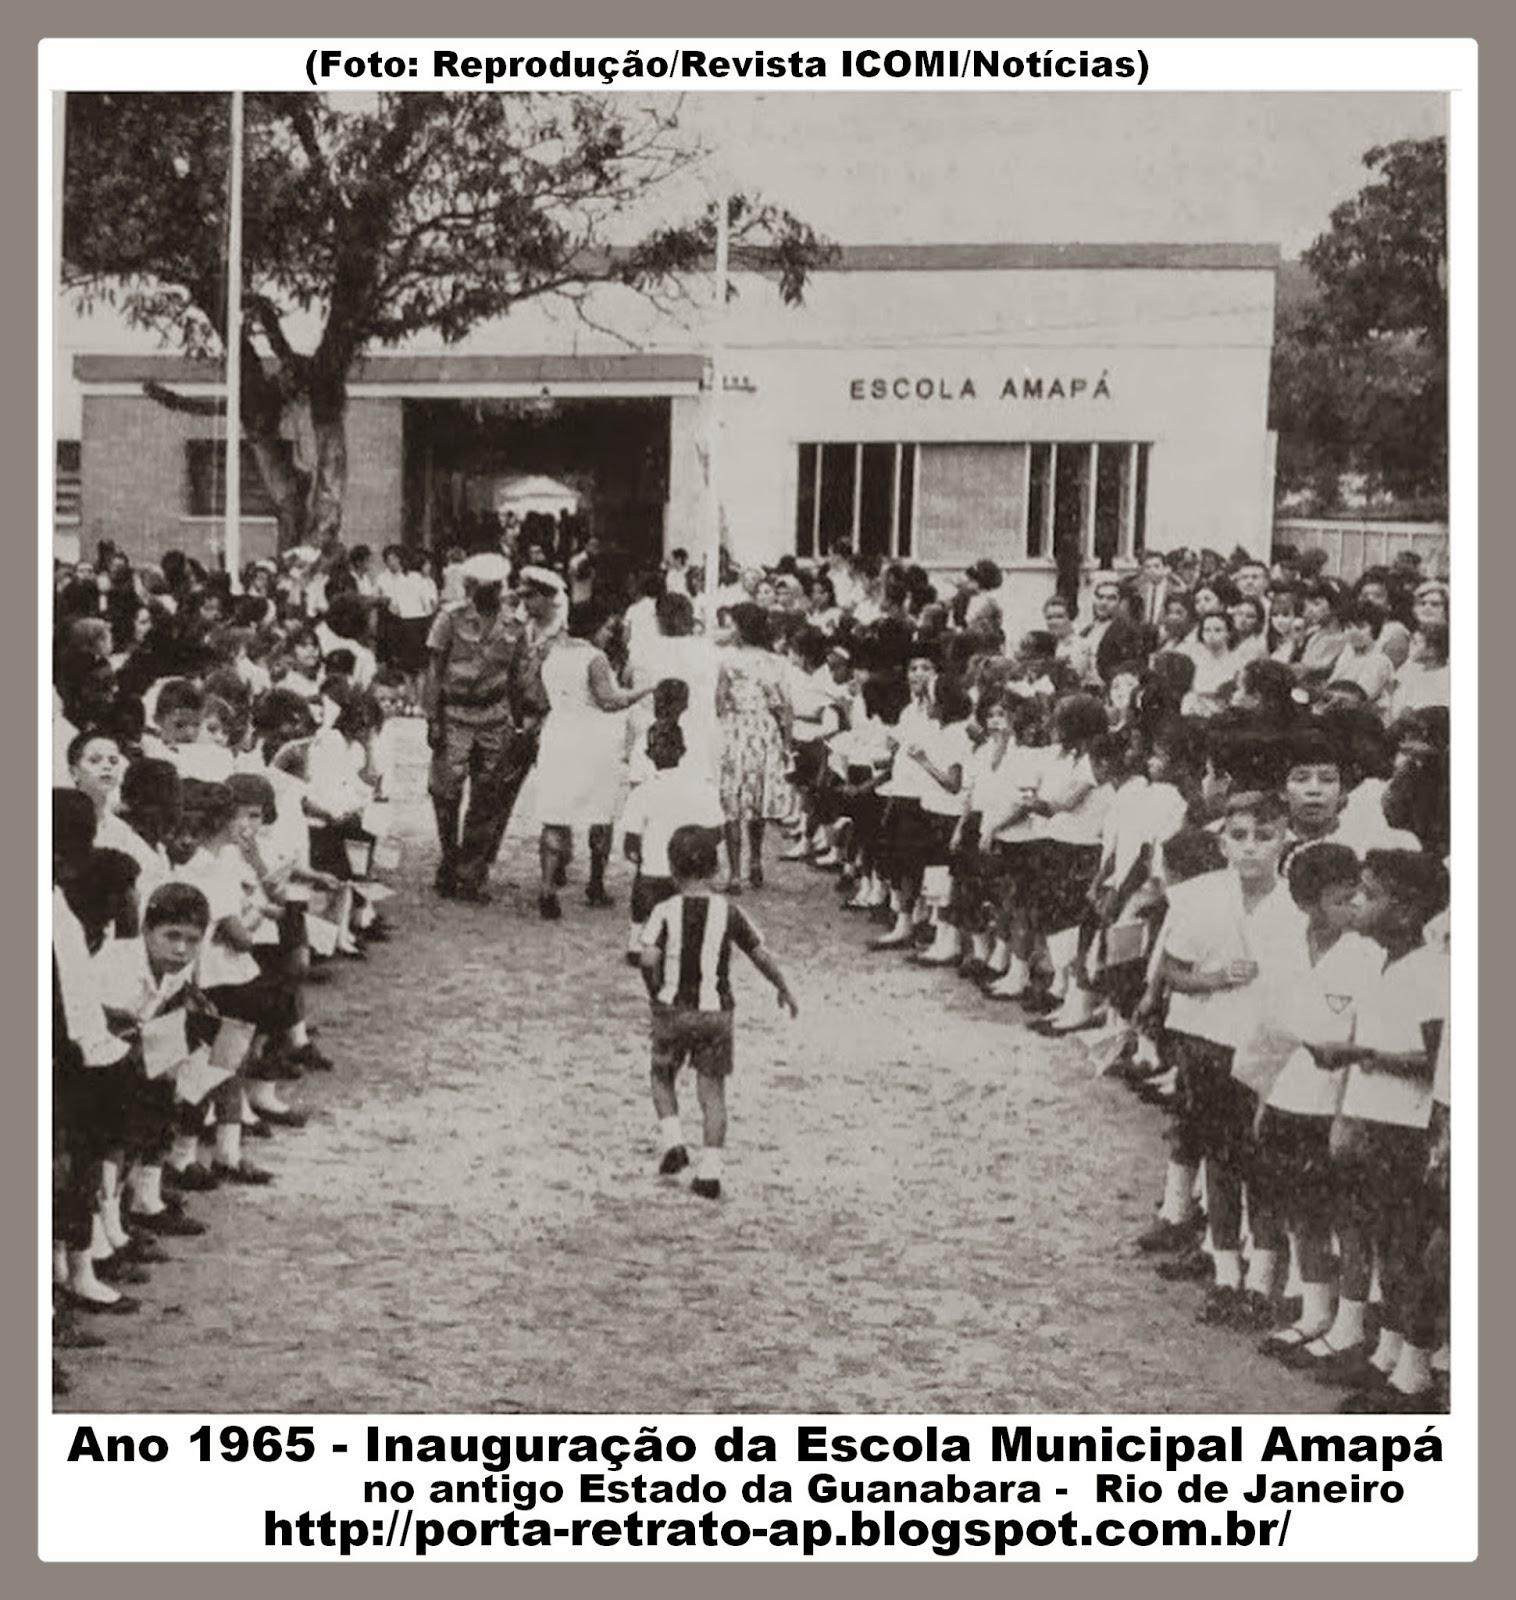 Sérgio Mendes & Brasil '66 Sergio Mendes & Brasil '66 Quietud